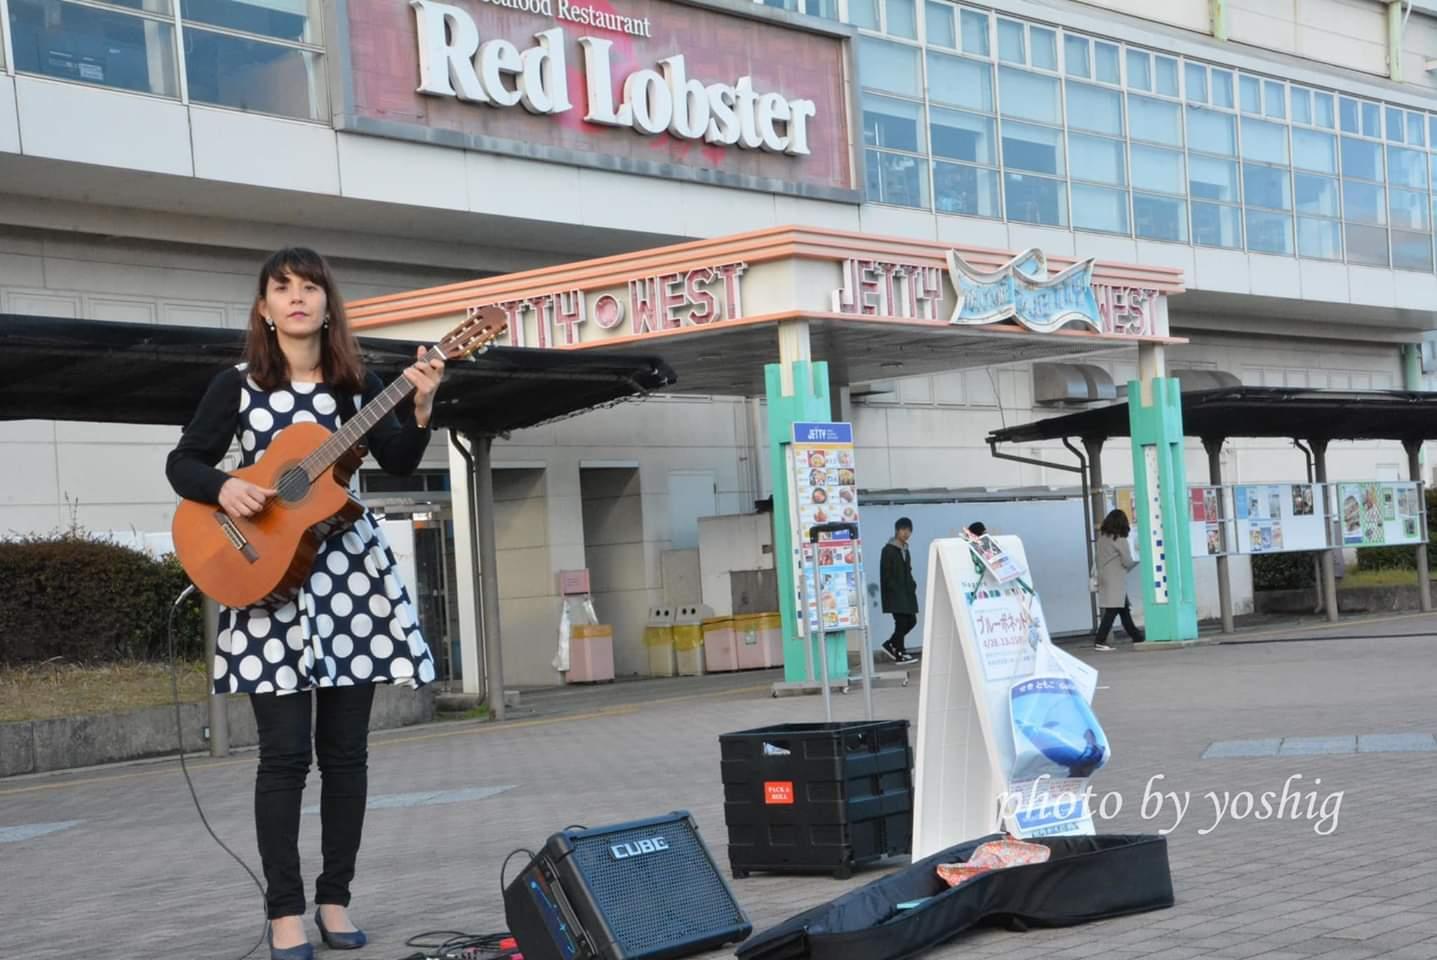 ジェティ広場での演奏、ありがとうございました!_f0373339_02483052.jpg